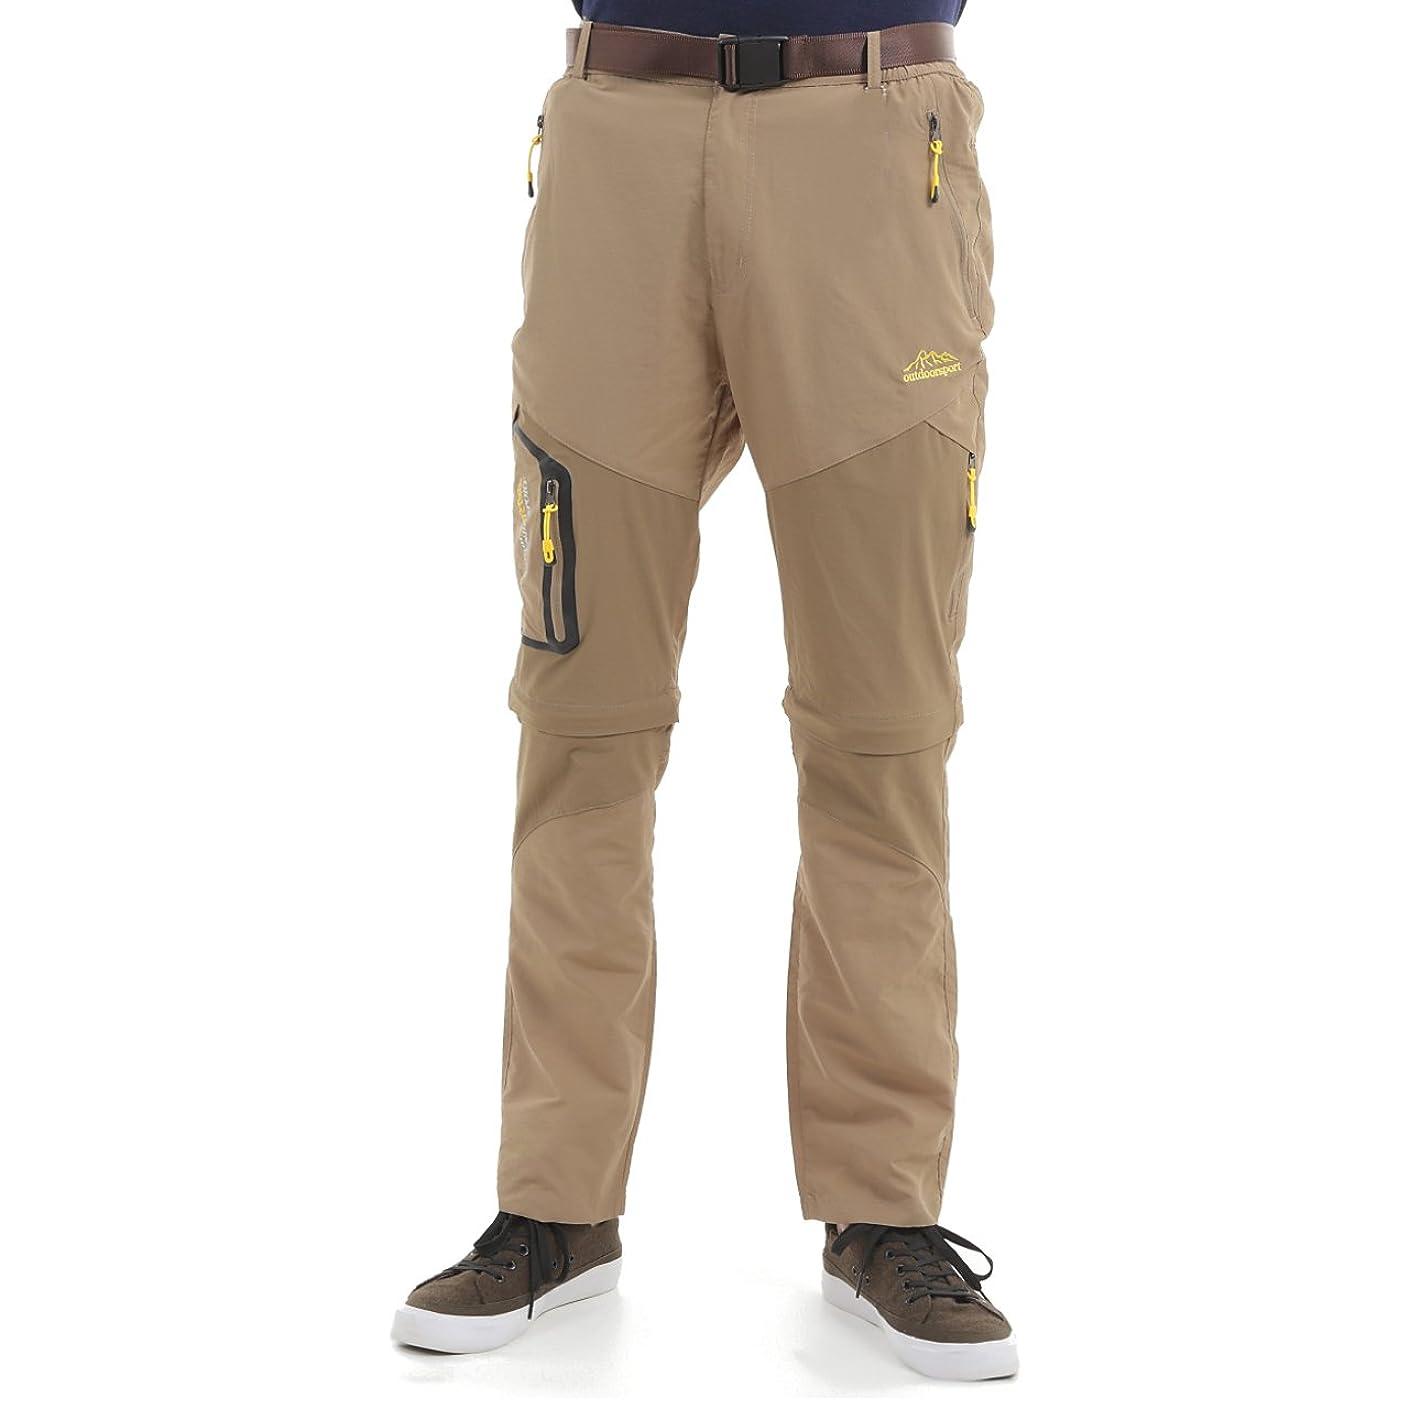 合理的ご近所対応i-loop 2way ドライパンツ ハーフパンツ コンバーチブル 速乾 透湿 通気 軽量 フィッシング パンツ メンズ